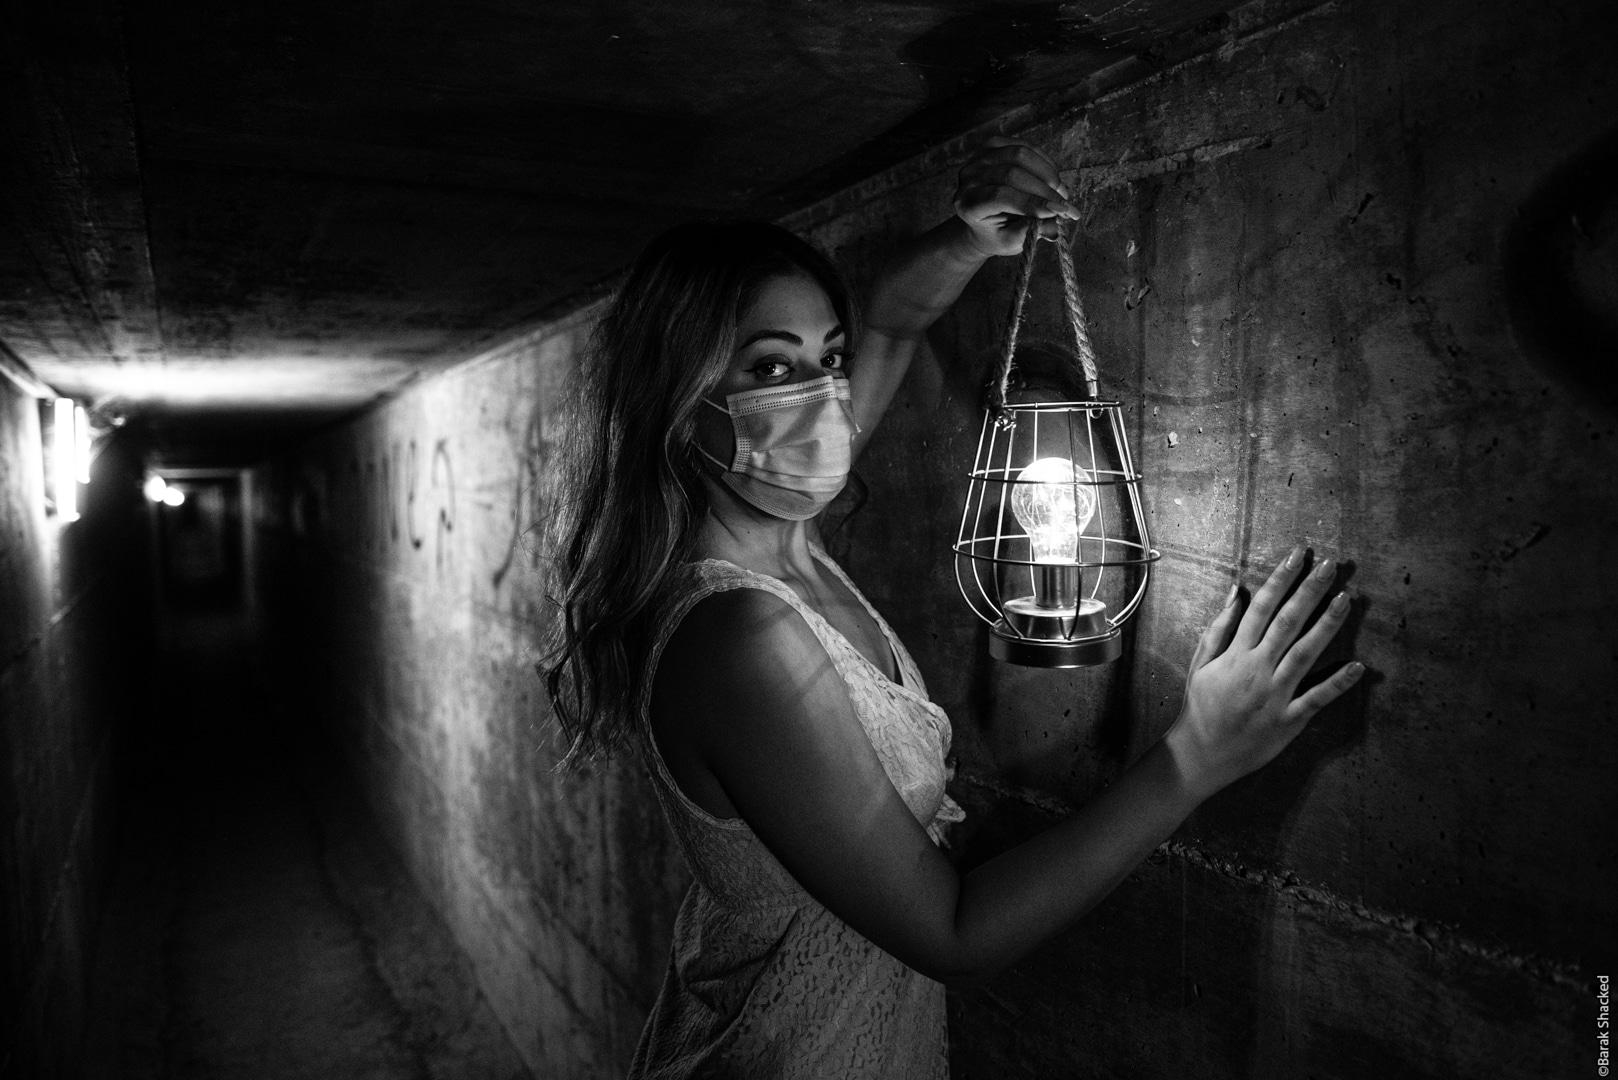 בחורה עם מסיכת קורונה במנהרה